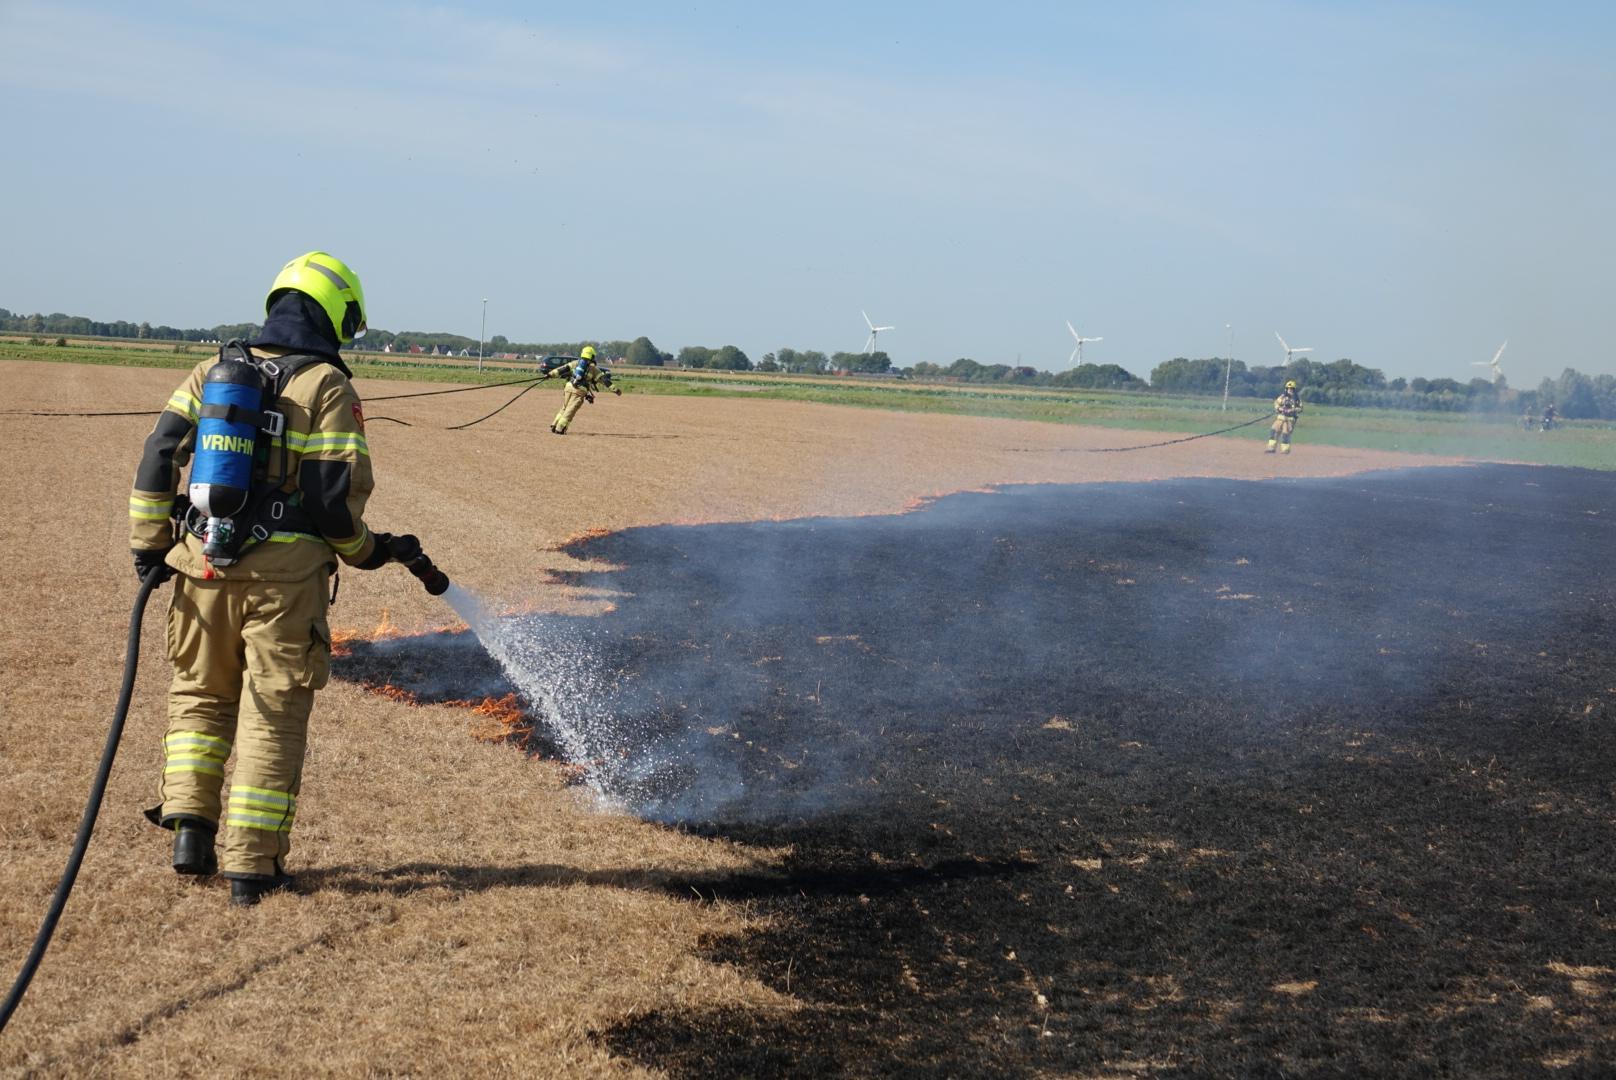 Stoomtrein veroorzaakt brand in weiland Twisk